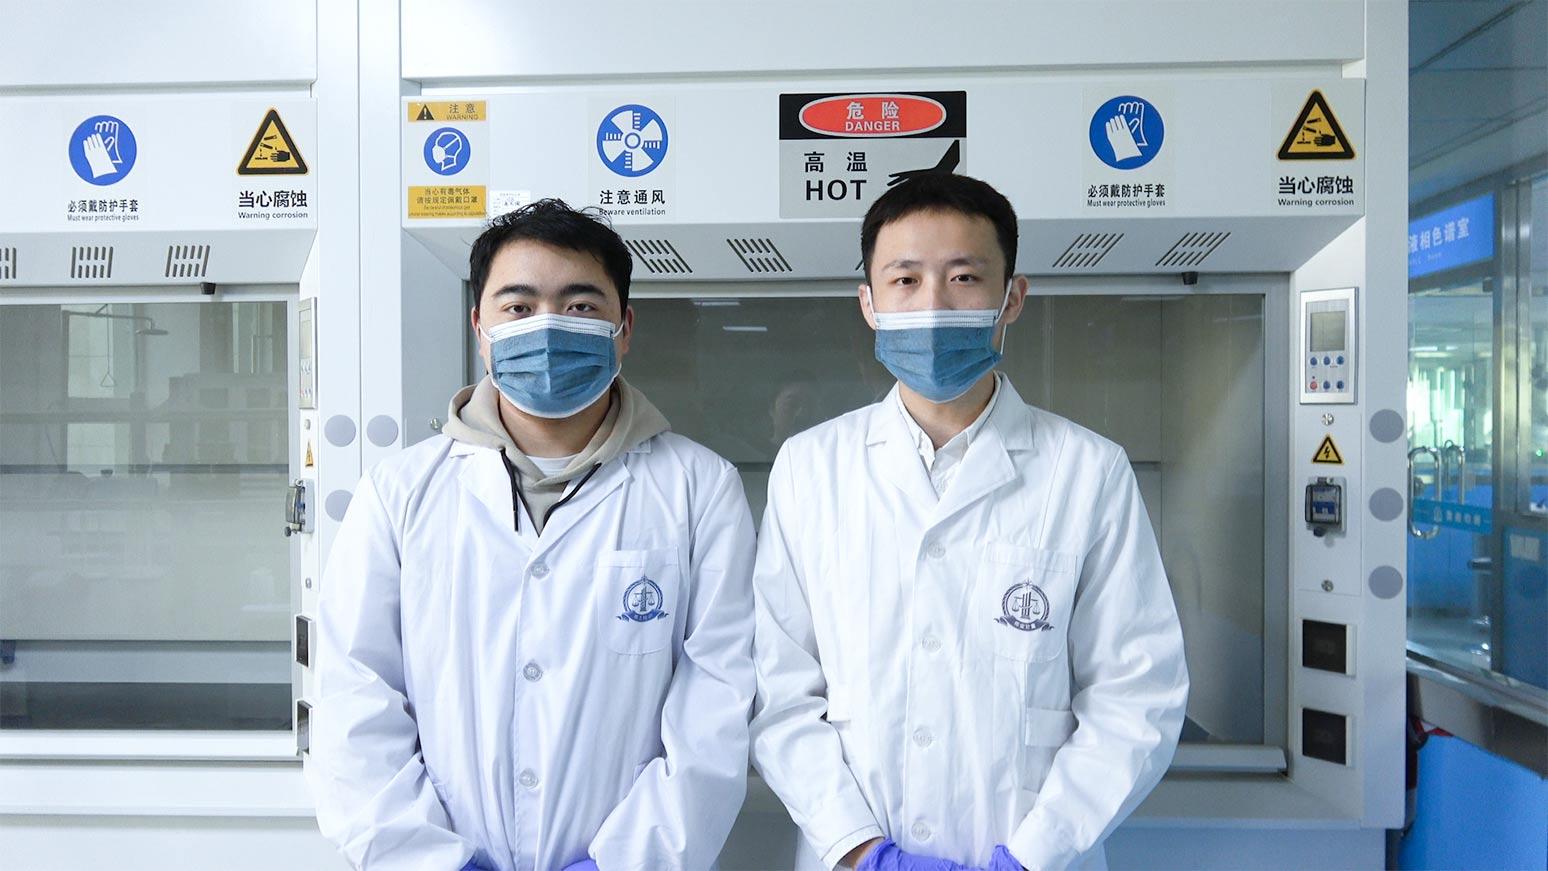 环境检测实验室建设-点播-www.bzwz.com国家标准物质网